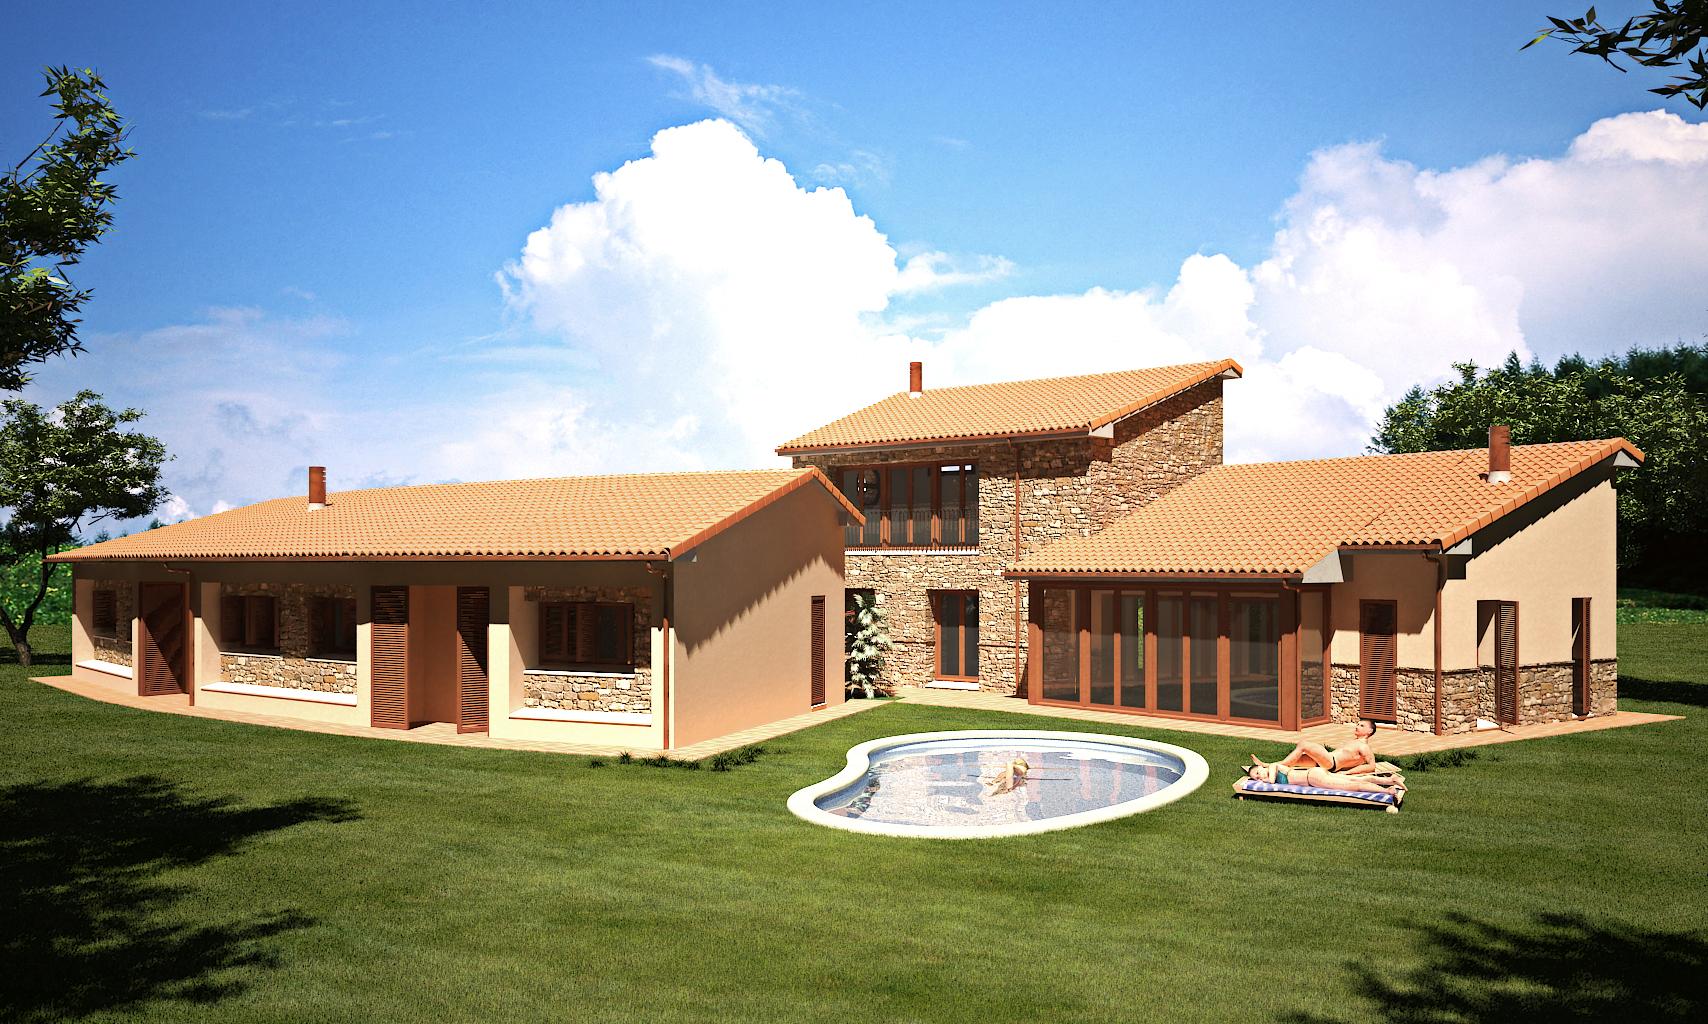 Casa rustica for Casas modernas rusticas